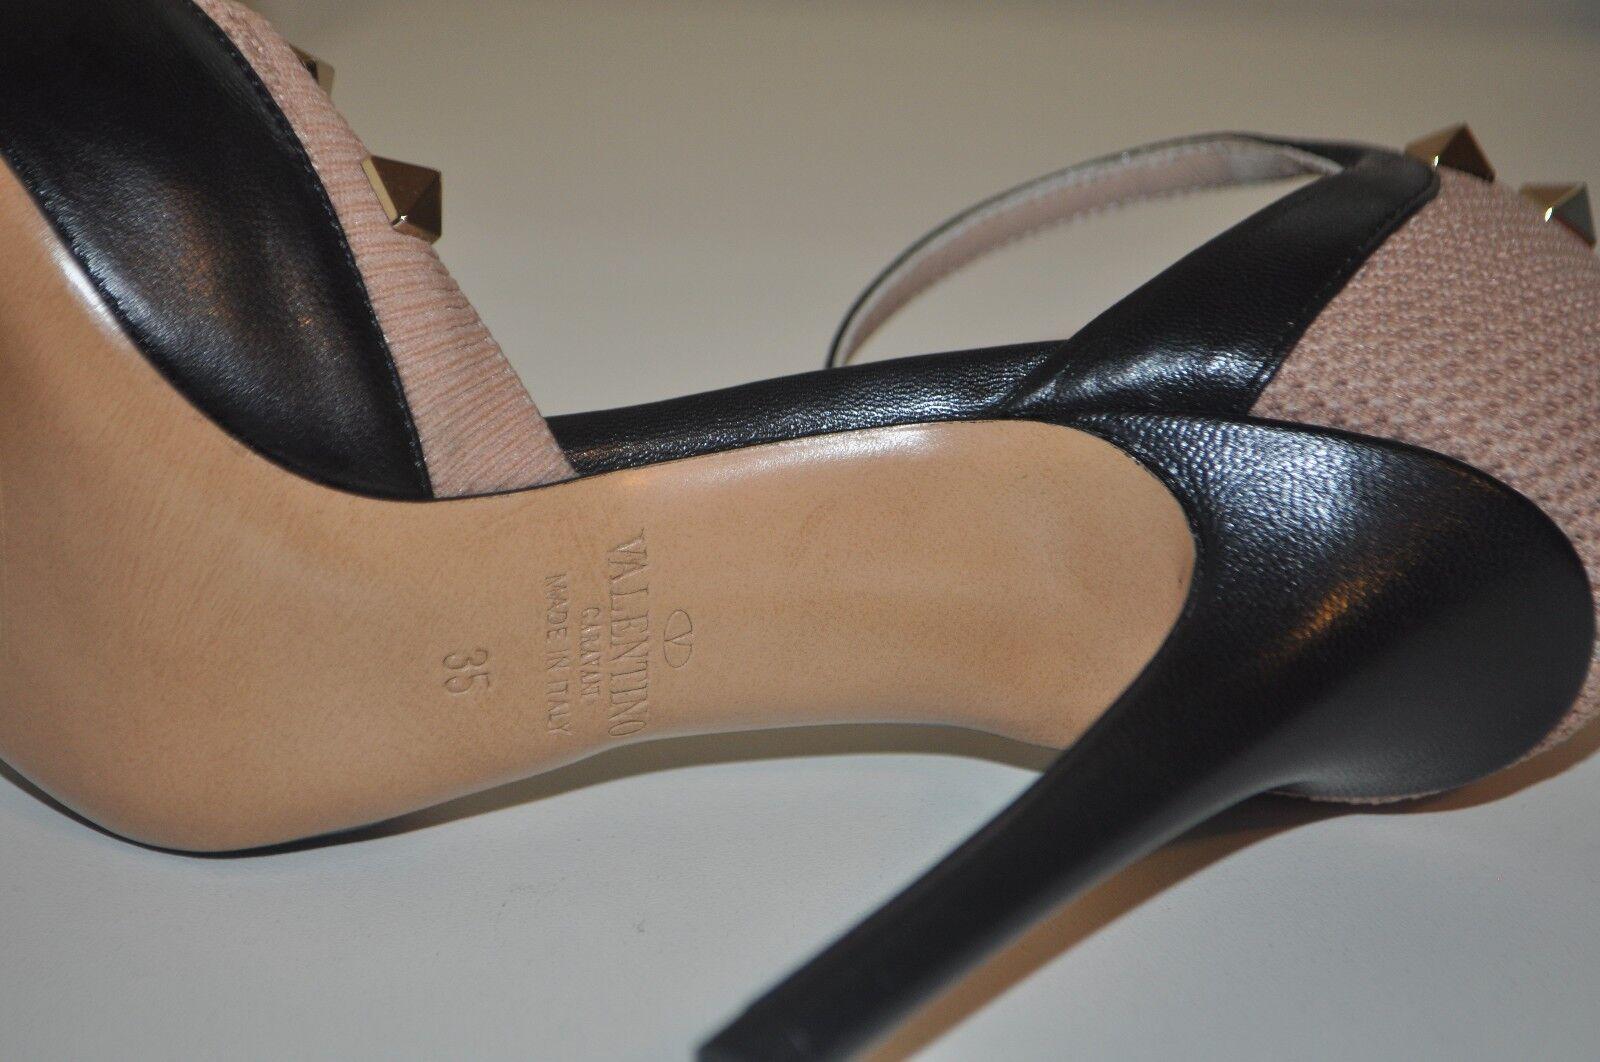 Nuevo En En En Caja  945 Valentino ROCKSTUD Calcetín Zapato de tacón Bomba de Correa en el Tobillo Piel Negro 35 - 5 EE. UU. 396689